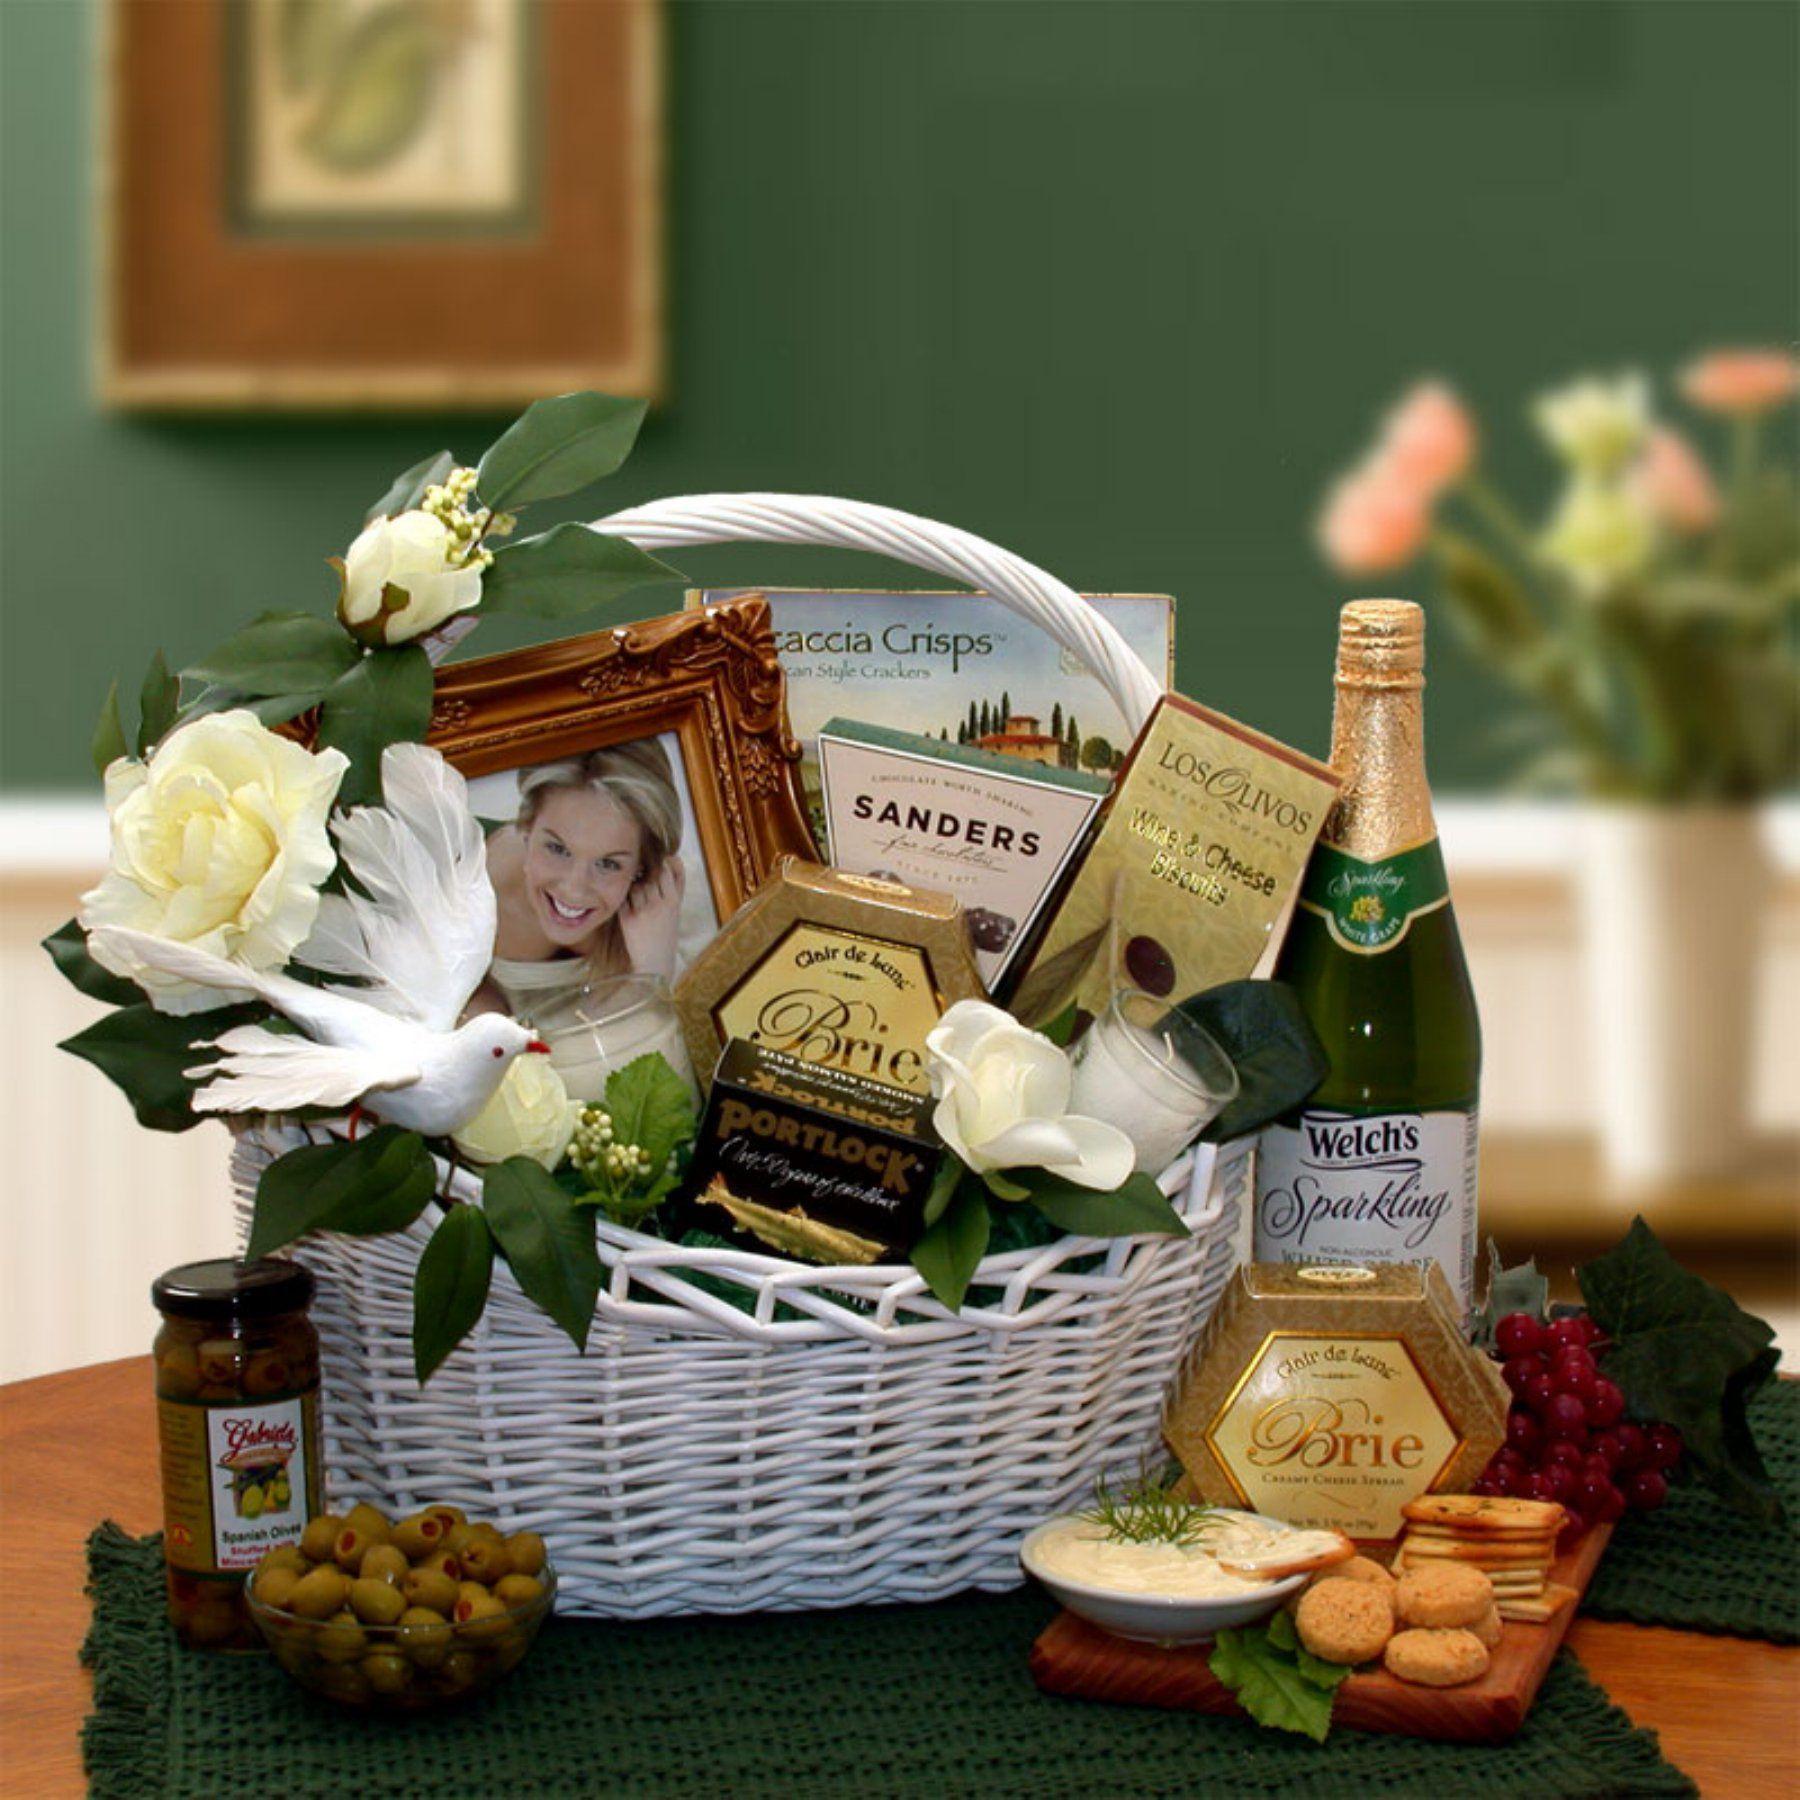 Wedding Wishes Gift Basket - 87011